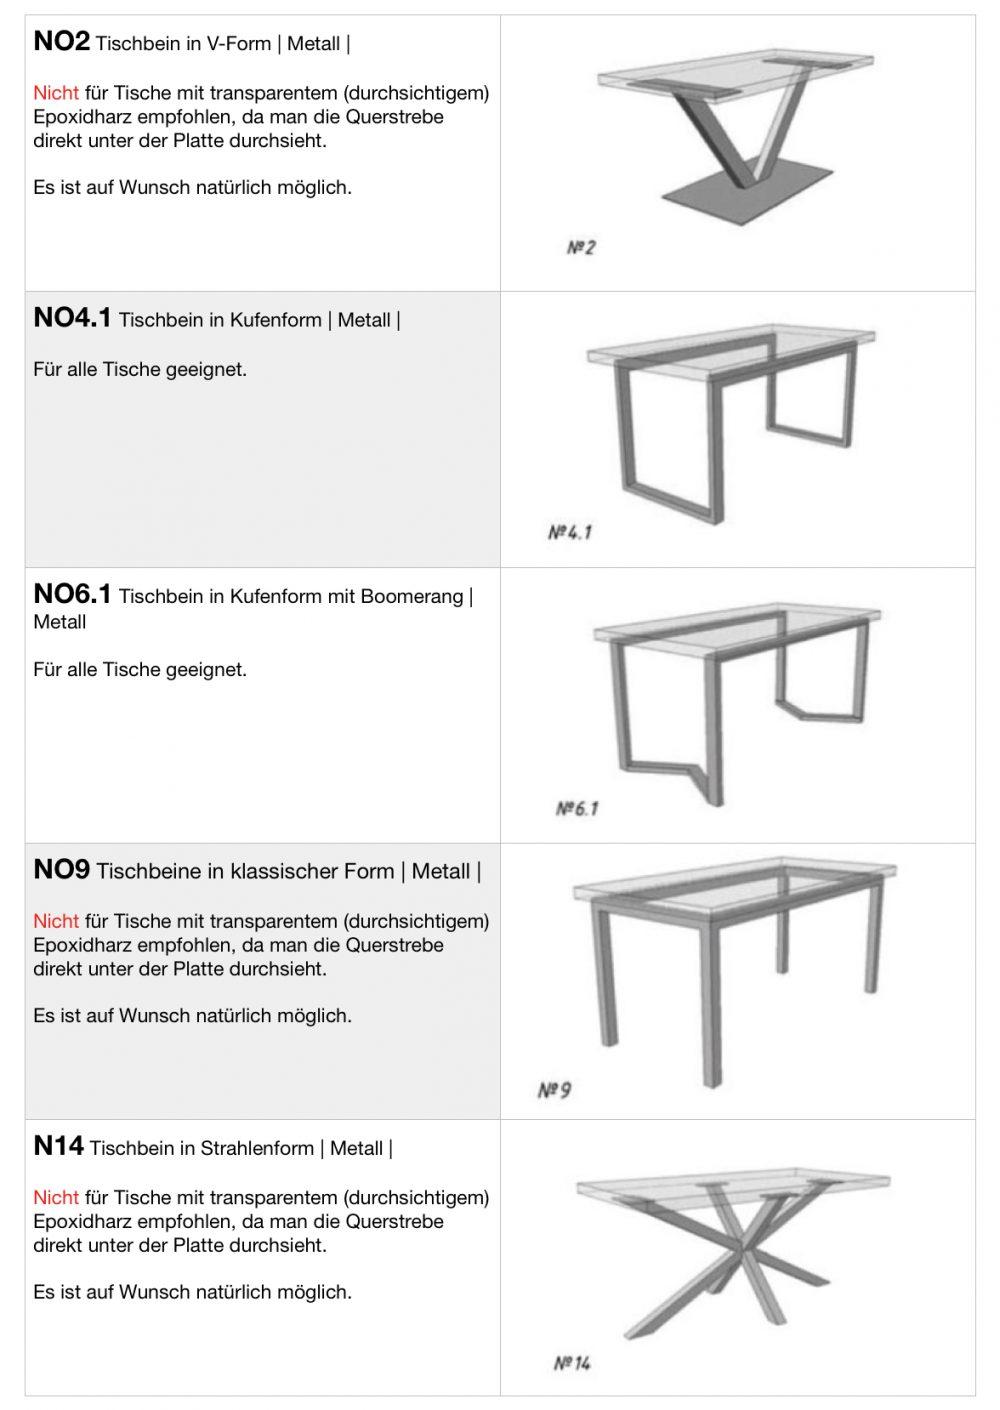 Tischbeine aus Metall für Epoxidharztische